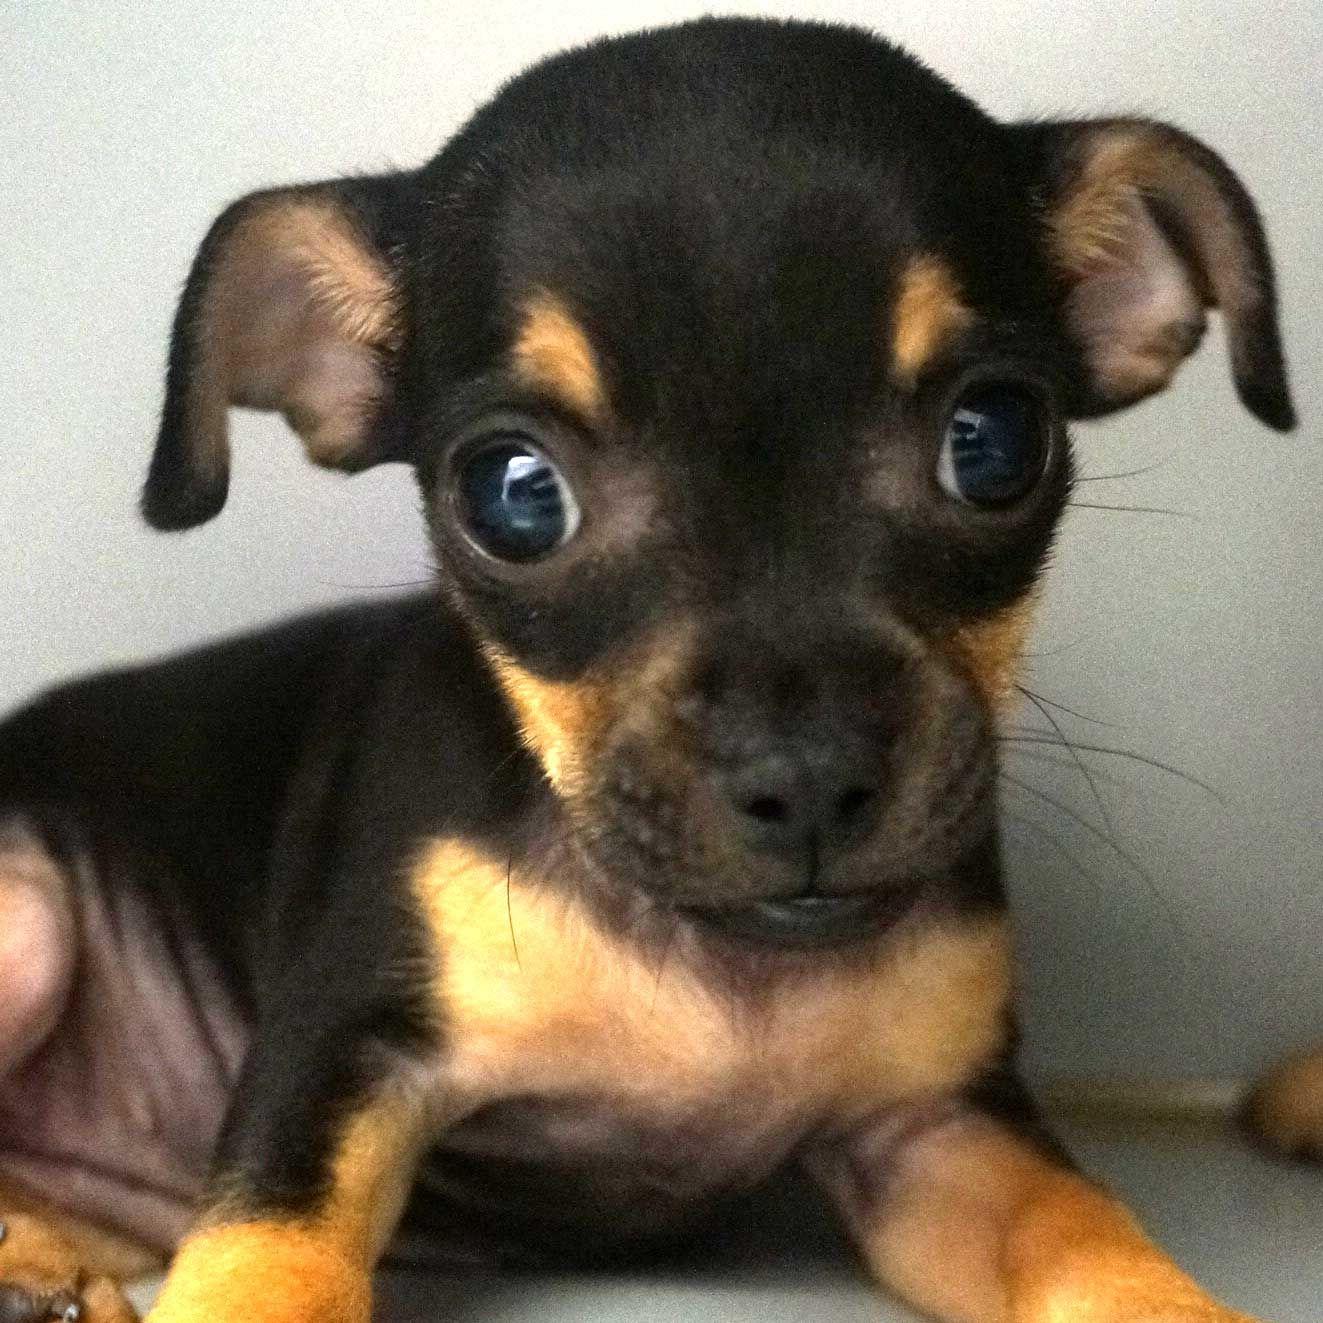 Adopt a Pet Dog adoption, Pet adoption, Animals